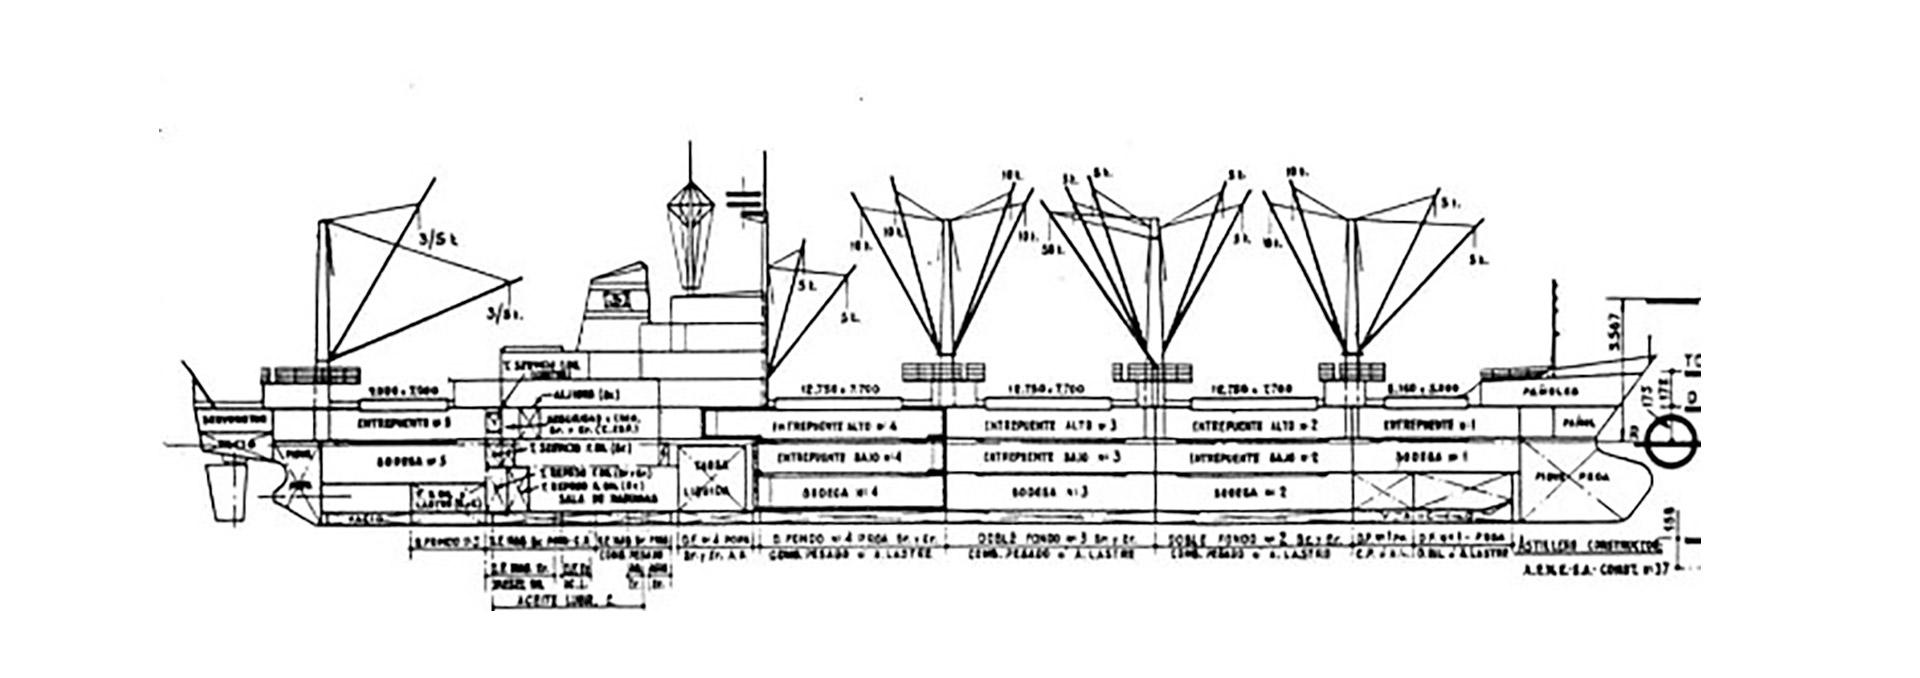 """El plano de distribución de bodegas del """"Rio Cincel"""". La nave poseía cuatro bodegas a proa y una a popa"""